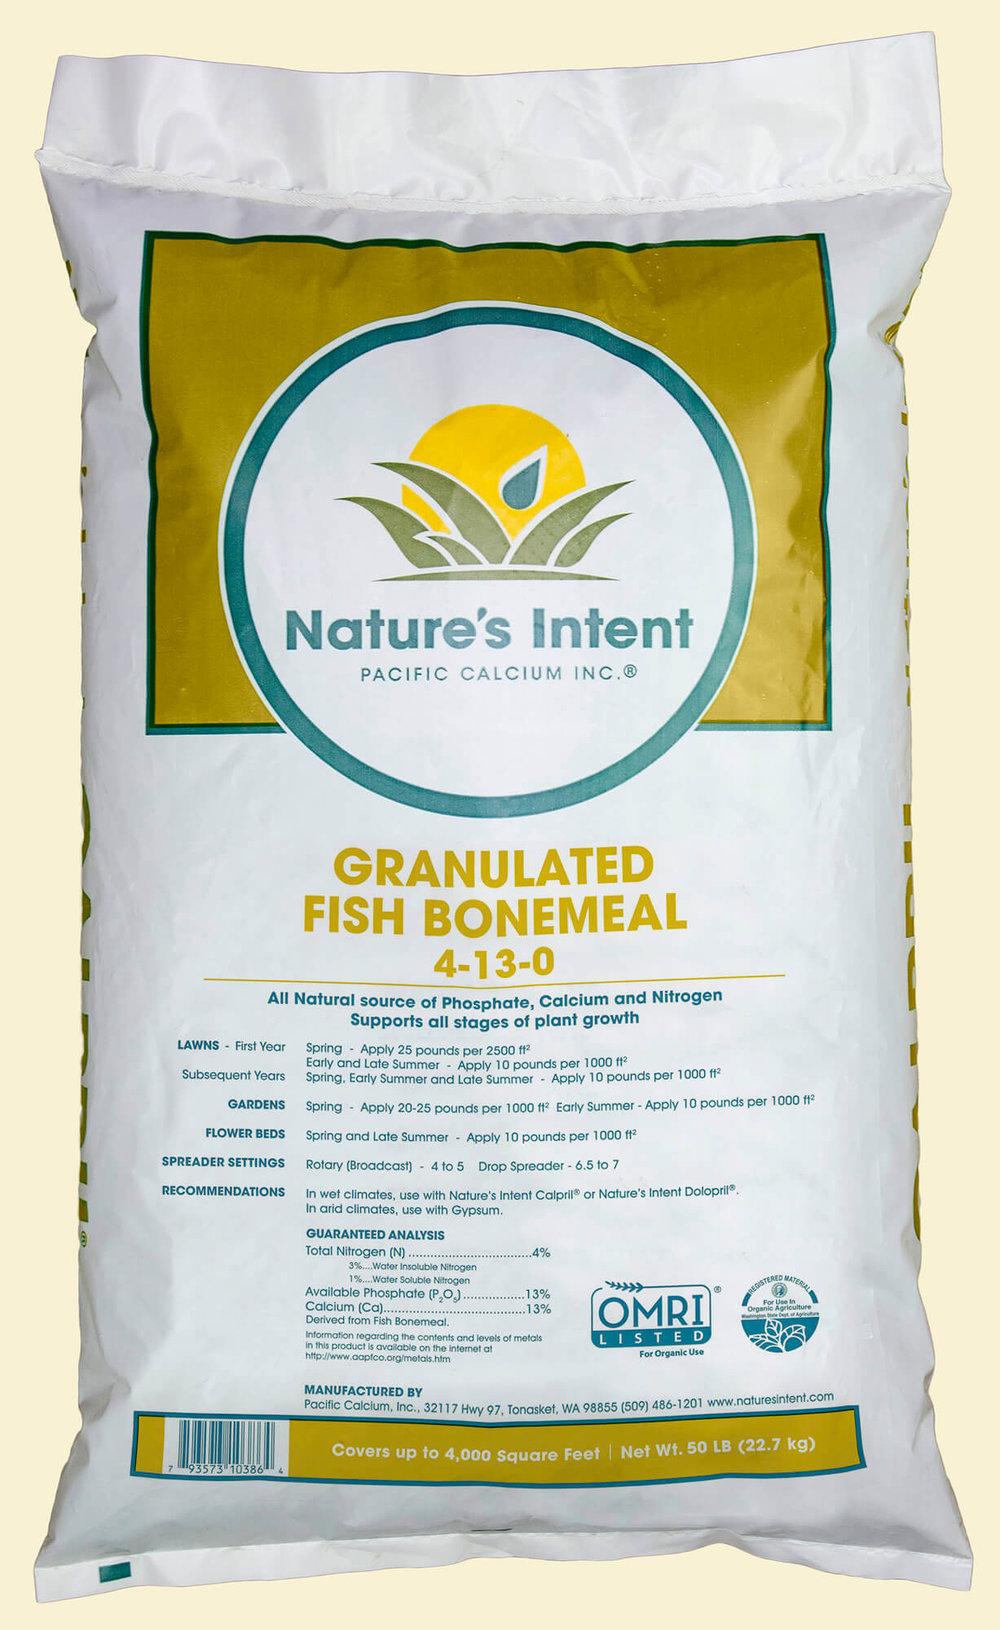 sc 1 st  Natureu0027s Intent & Natureu0027s Intent Fish Bonemeal u2014 Natureu0027s Intent